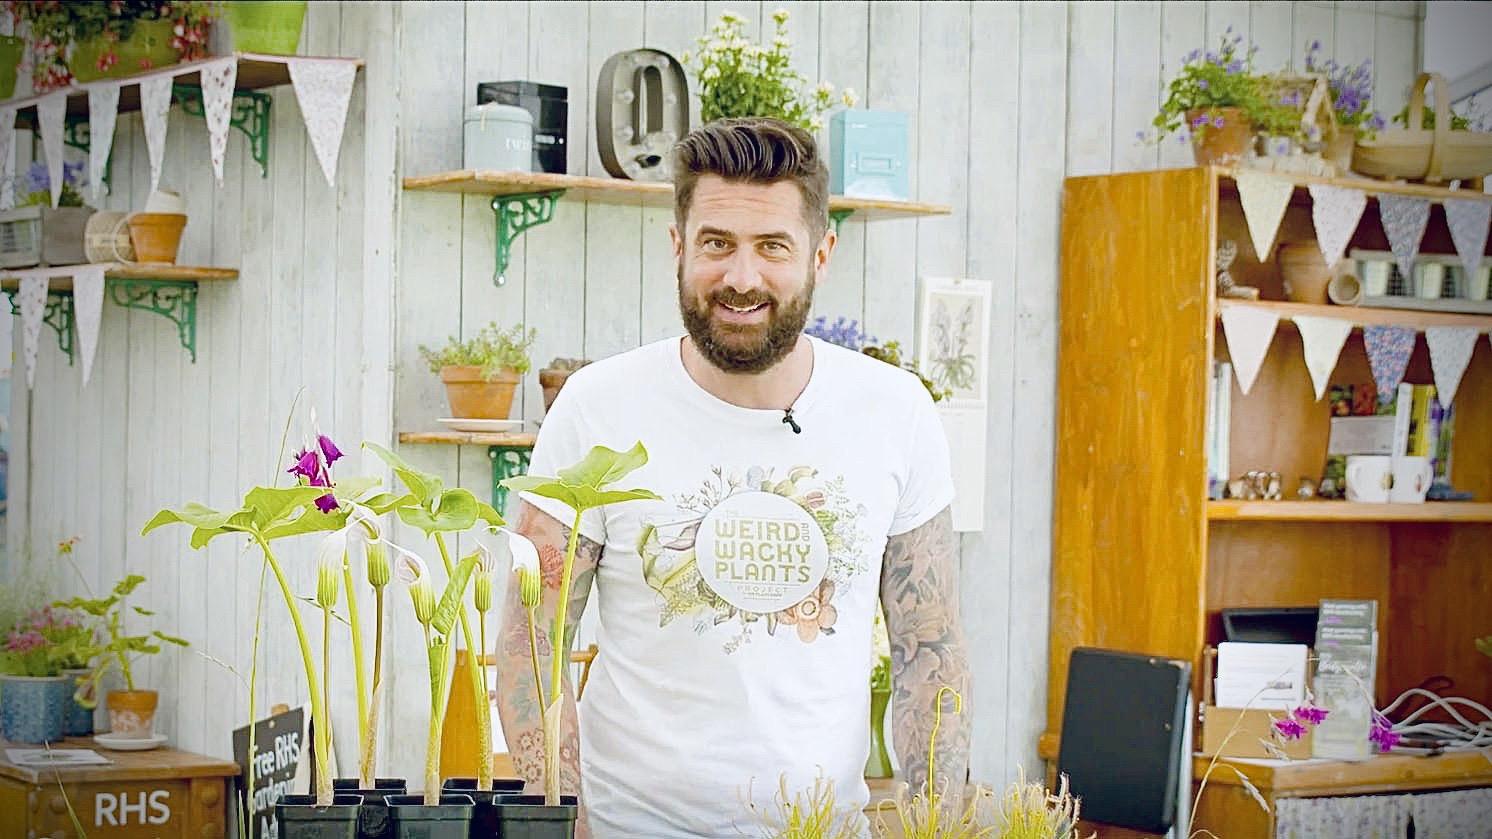 Weird & Wacky Plants